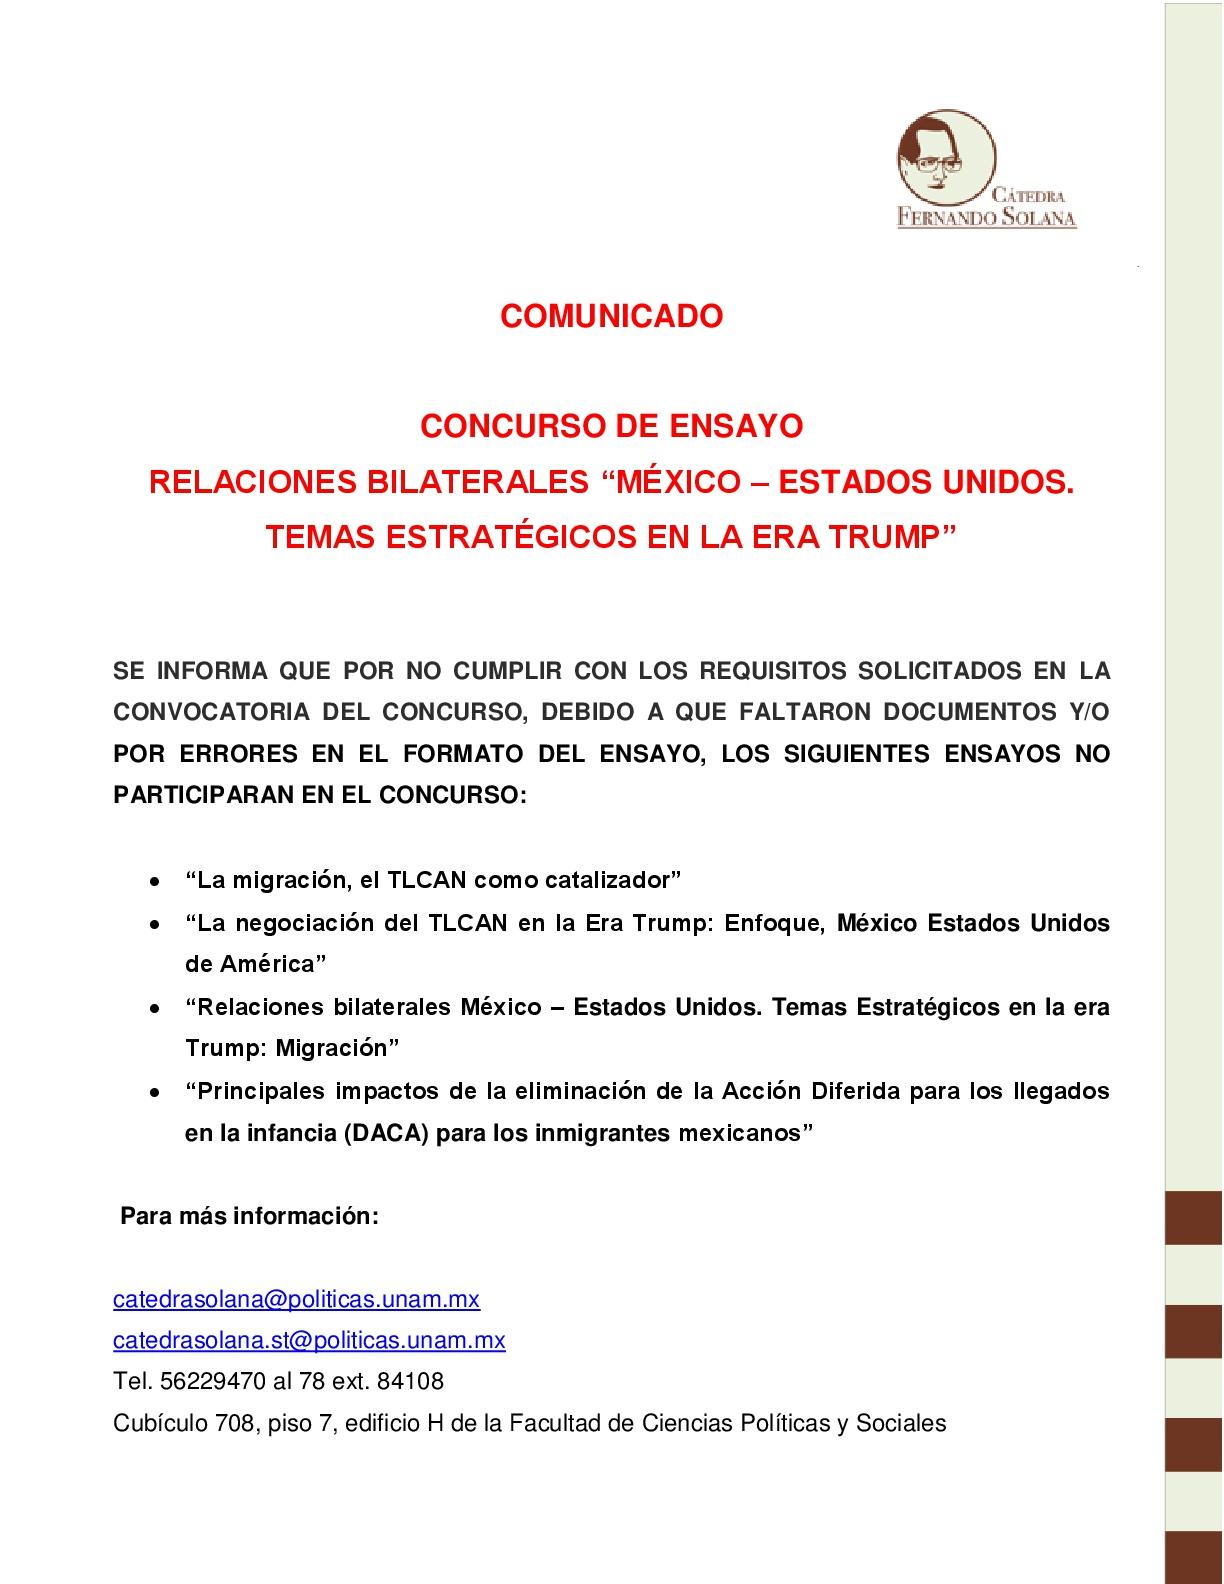 Comunicado-001 (1)